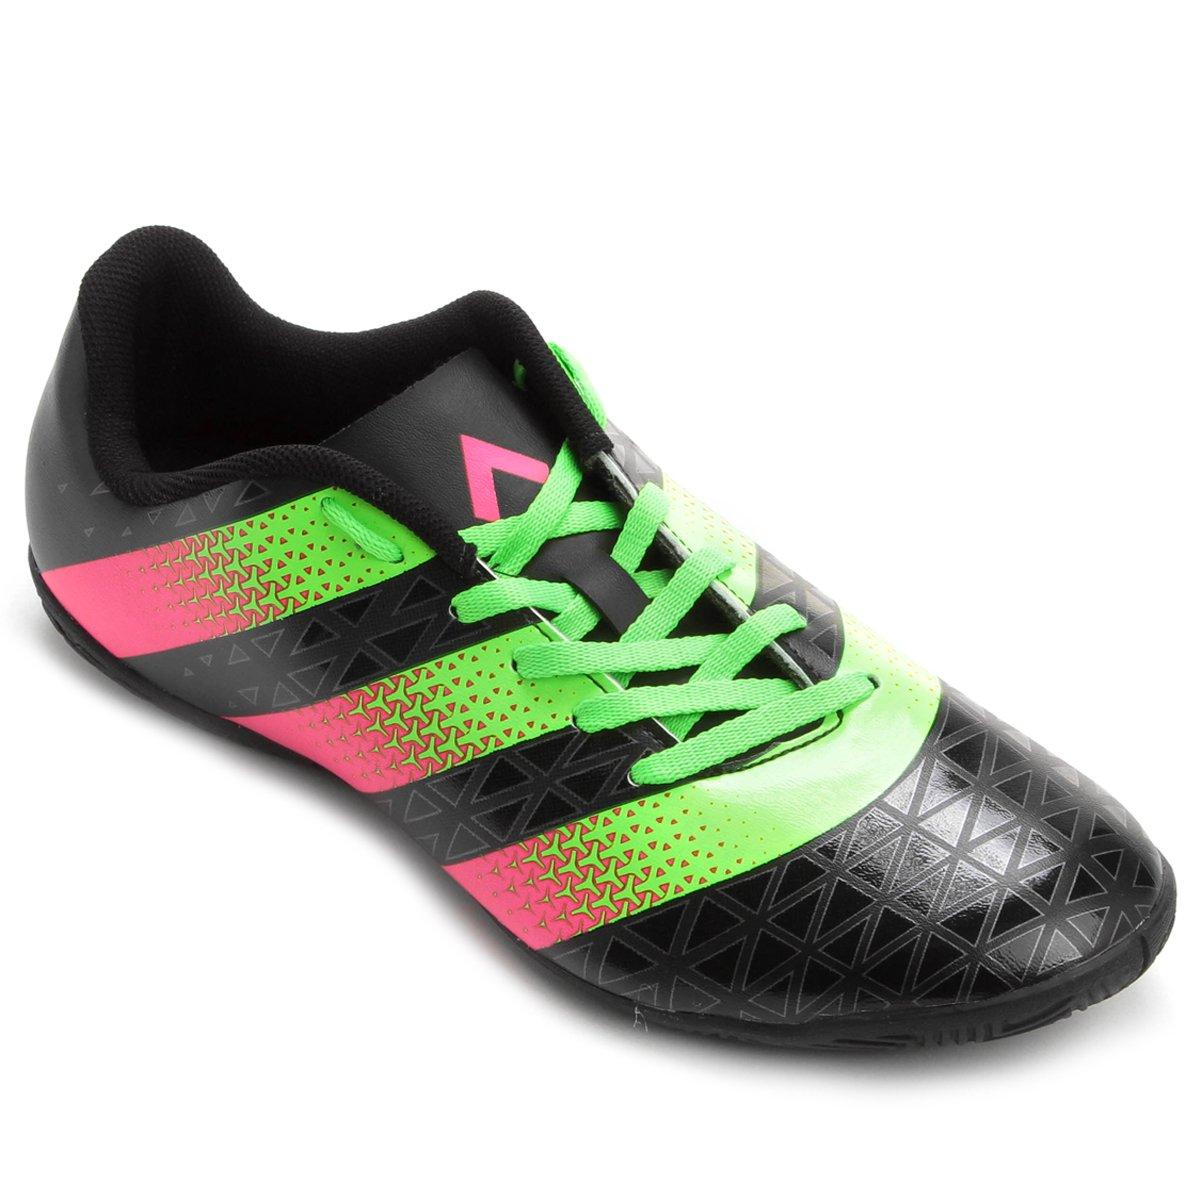 aa244c7fcd Chuteira Futsal Adidas Artilheira IN